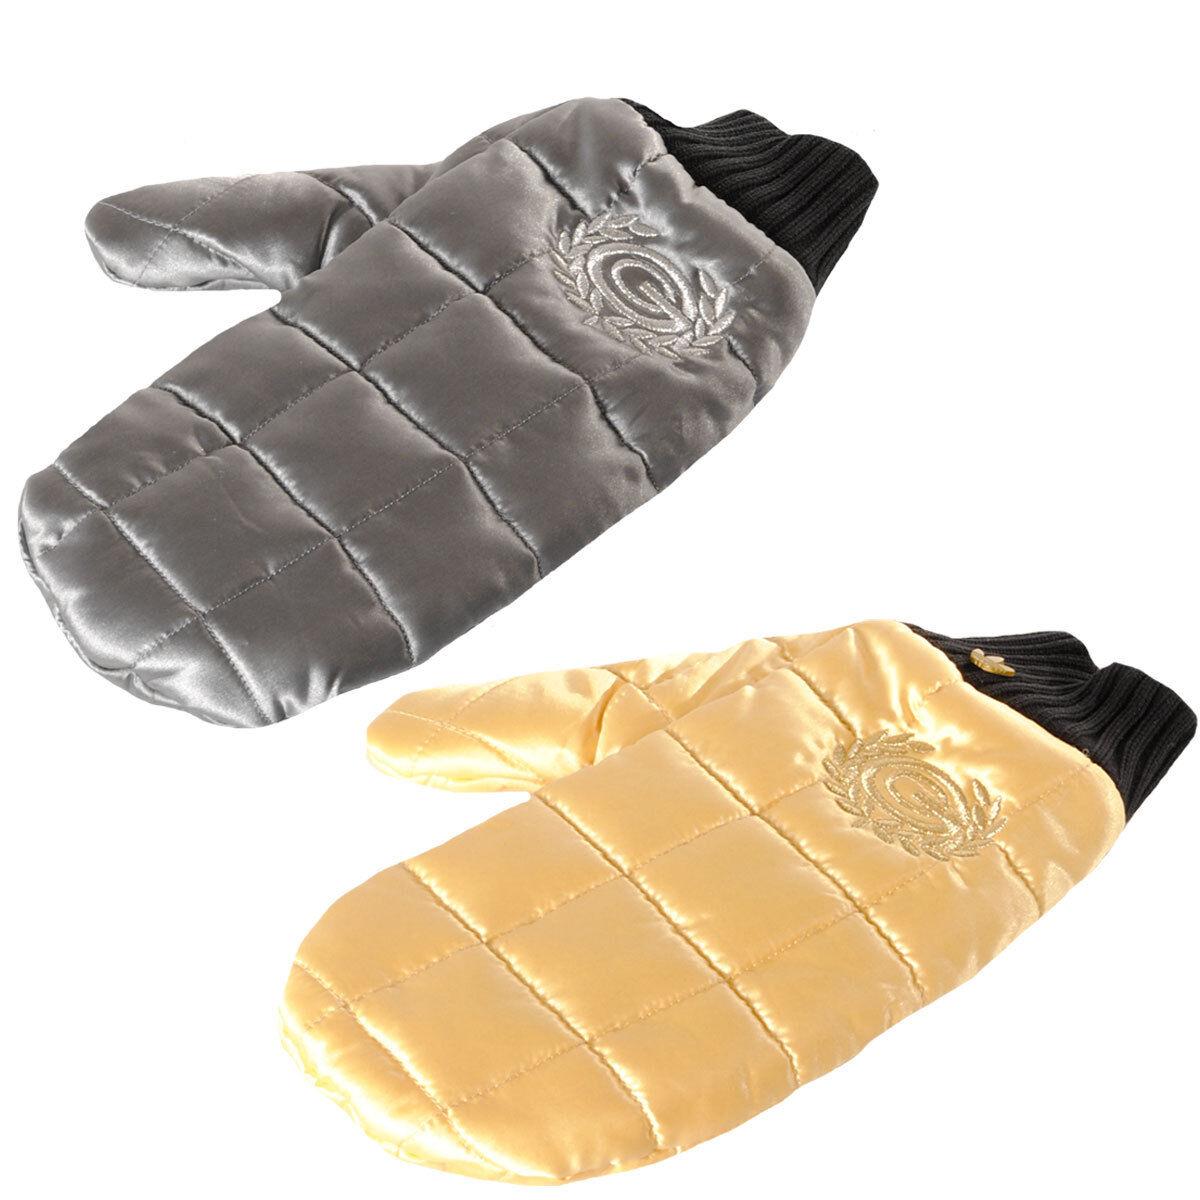 Damen Adidas Carlo Grubber Winter Ski Fäustlinge Snowboard Sport gepolsterte Handschuhe